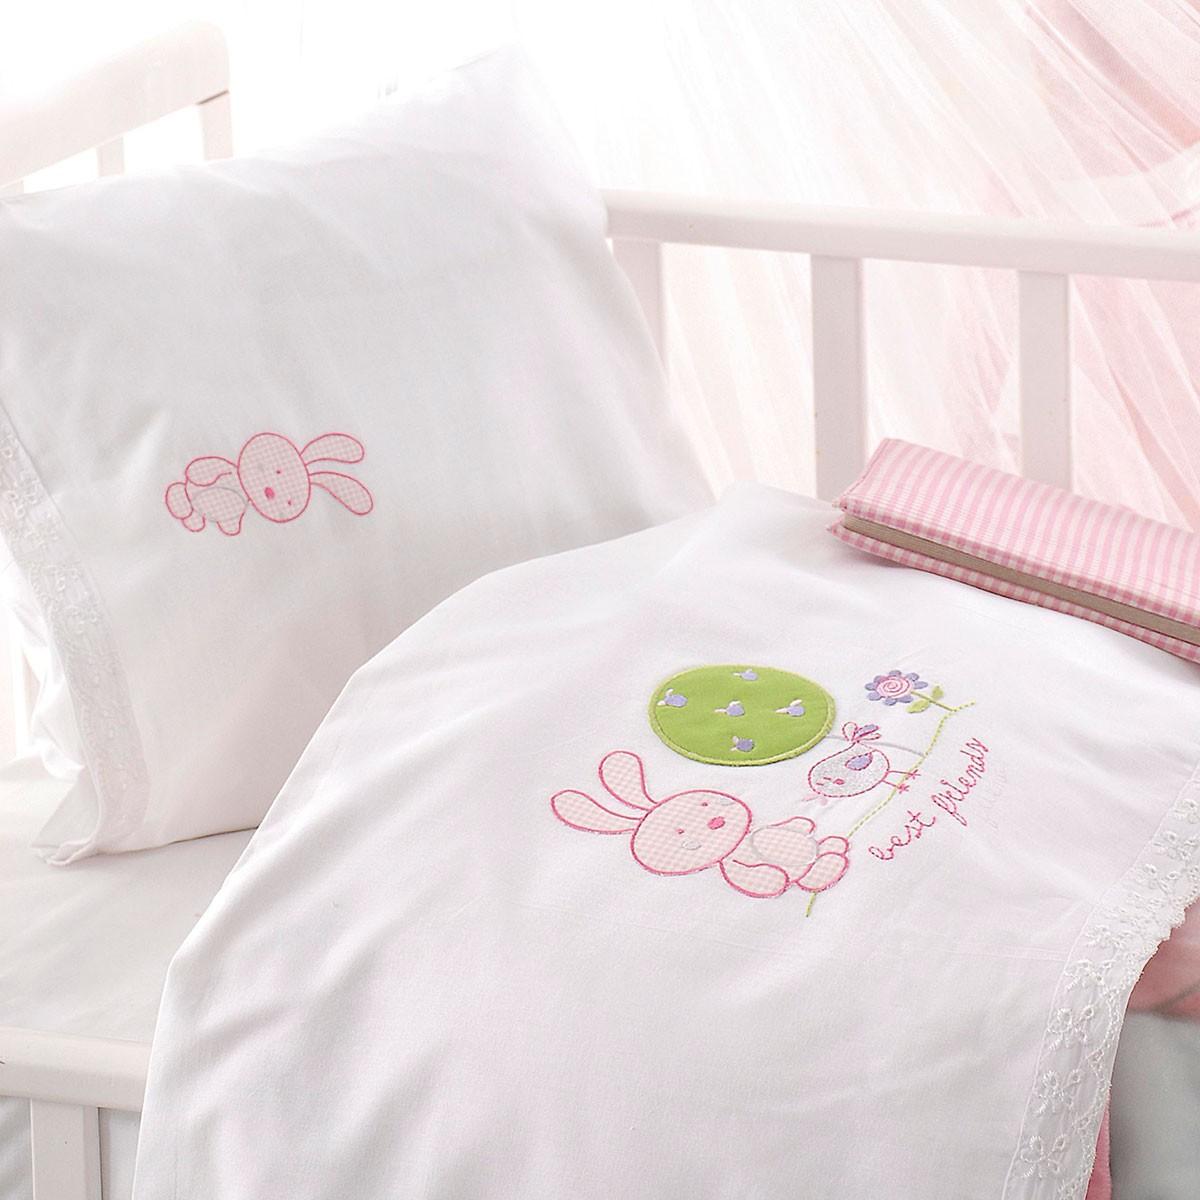 Κουβέρτα Πικέ Κούνιας Rythmos Sweet Summer Pink home   βρεφικά   κουβέρτες βρεφικές   κουβέρτες καλοκαιρινές